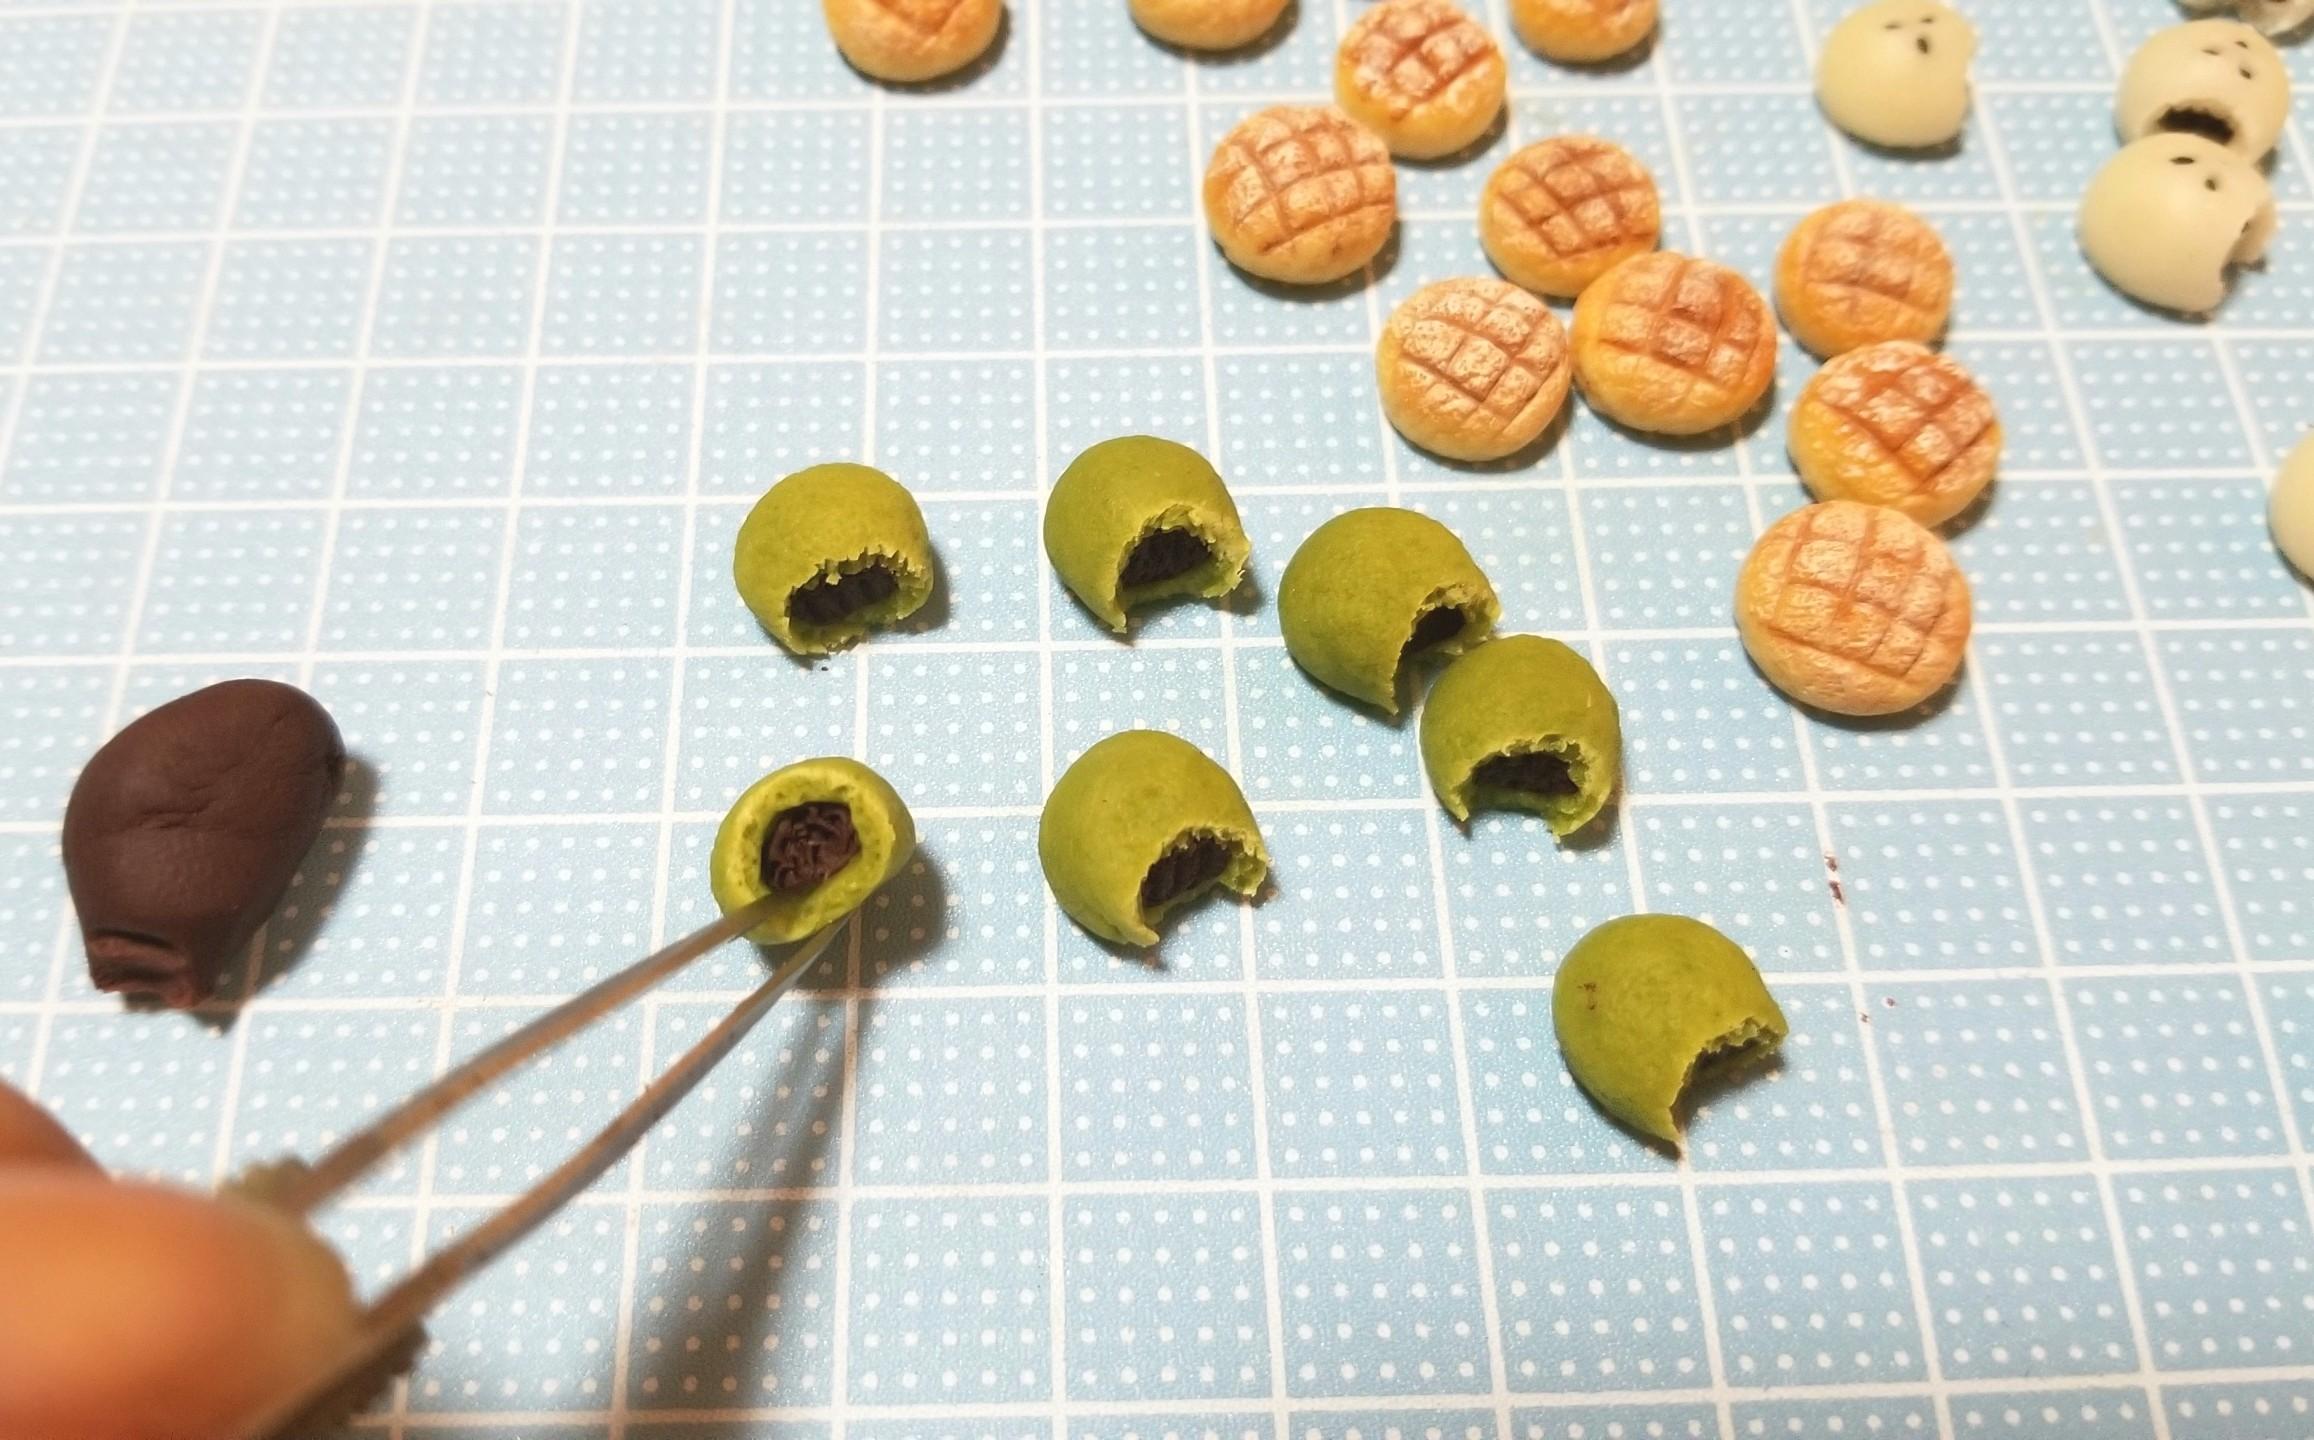 ミニチュアフード,よもぎパンの作り方,樹脂粘土,ドール